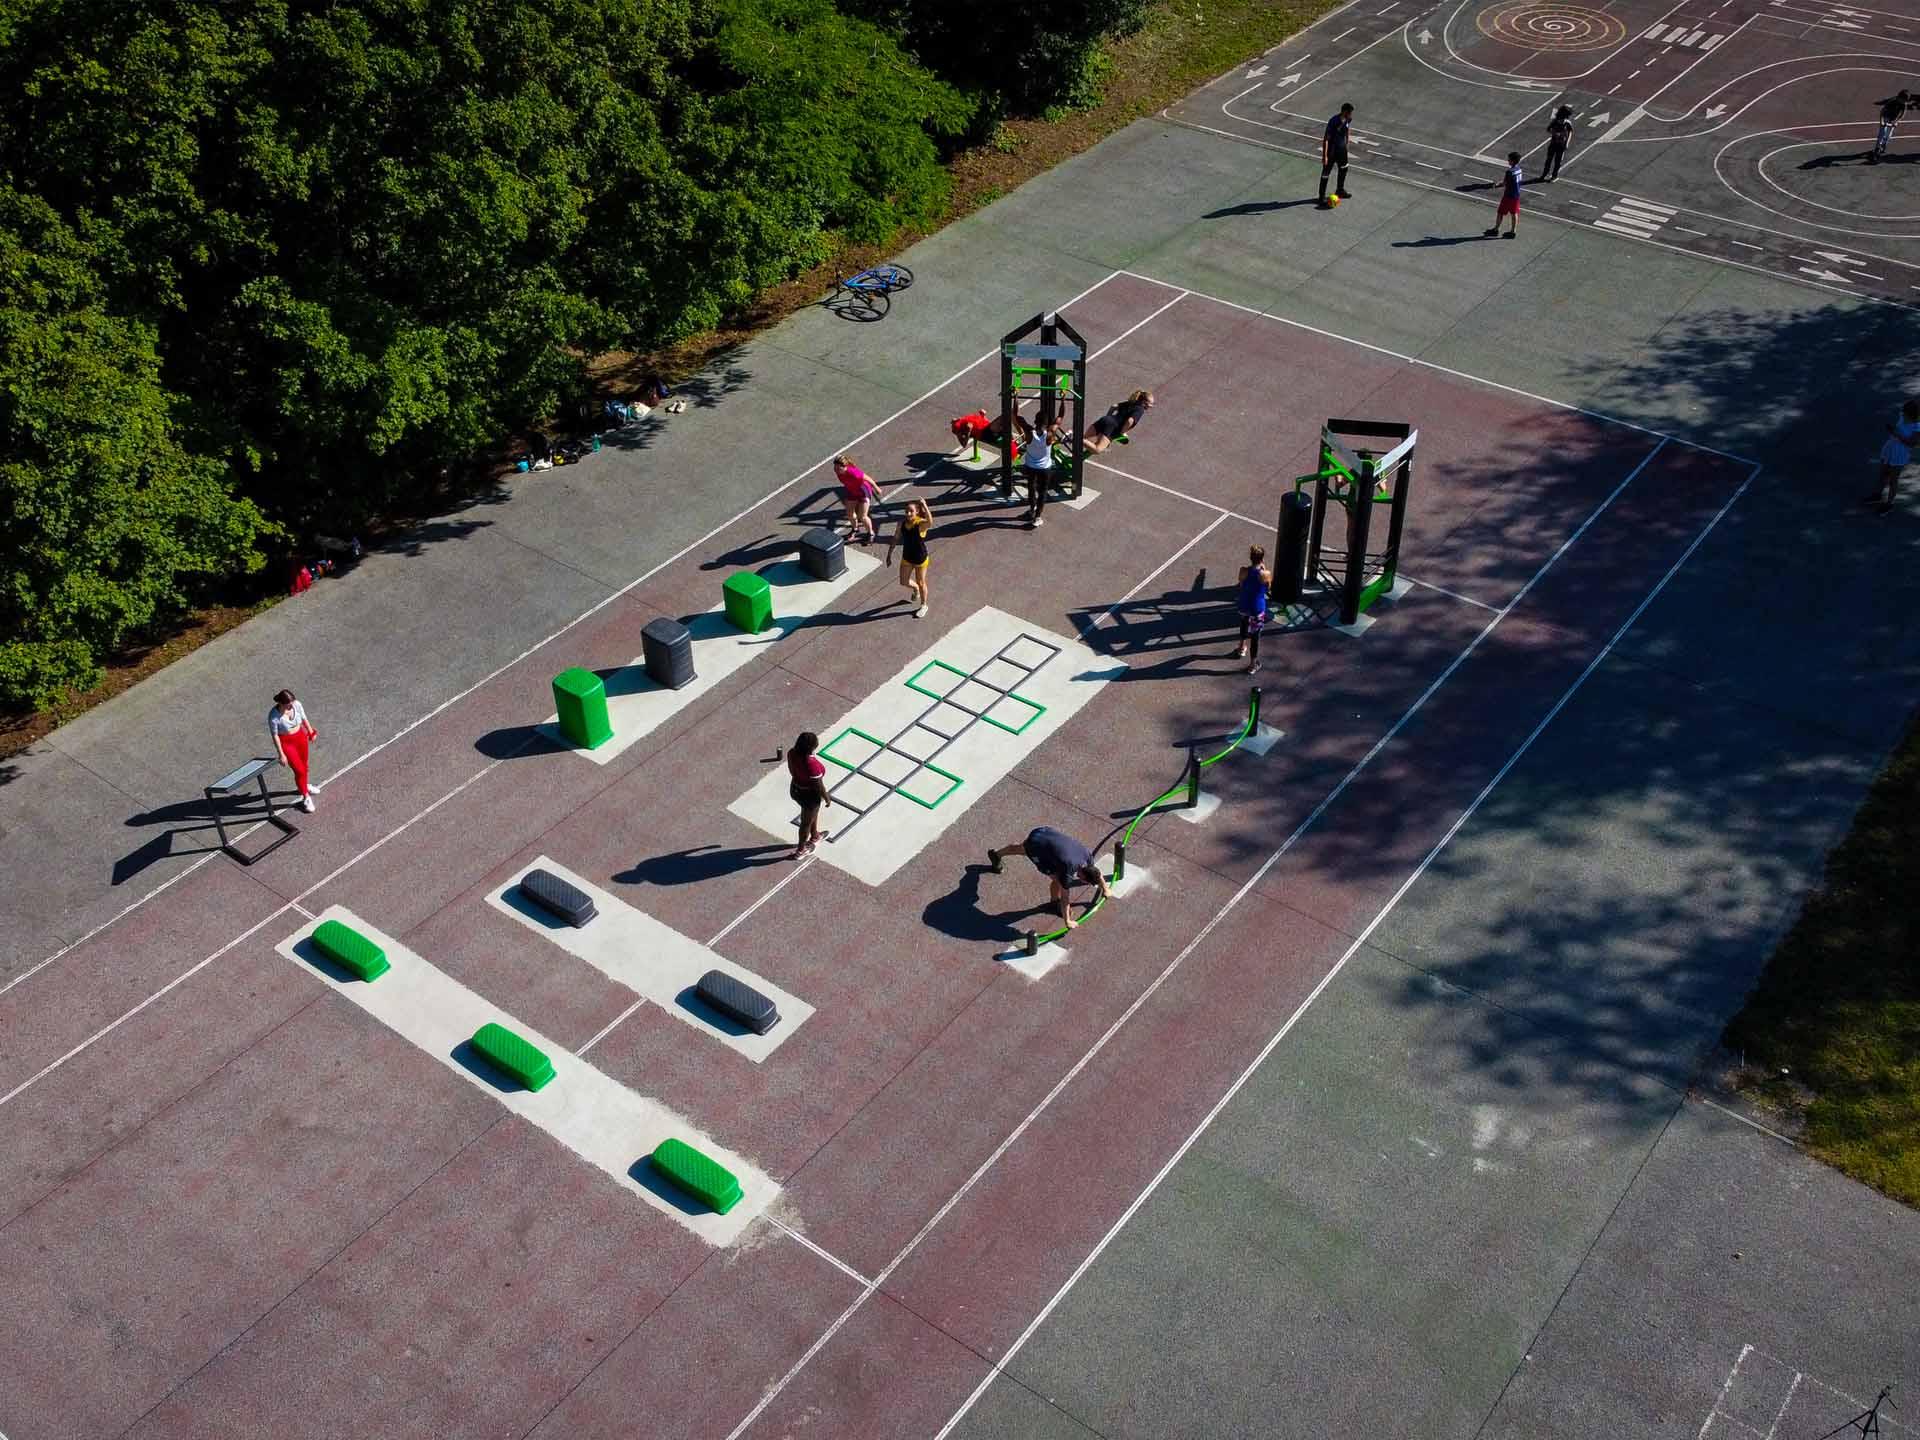 Photo de l'aire de fitness avec des sportifs du parc Saint John Perse à Reims